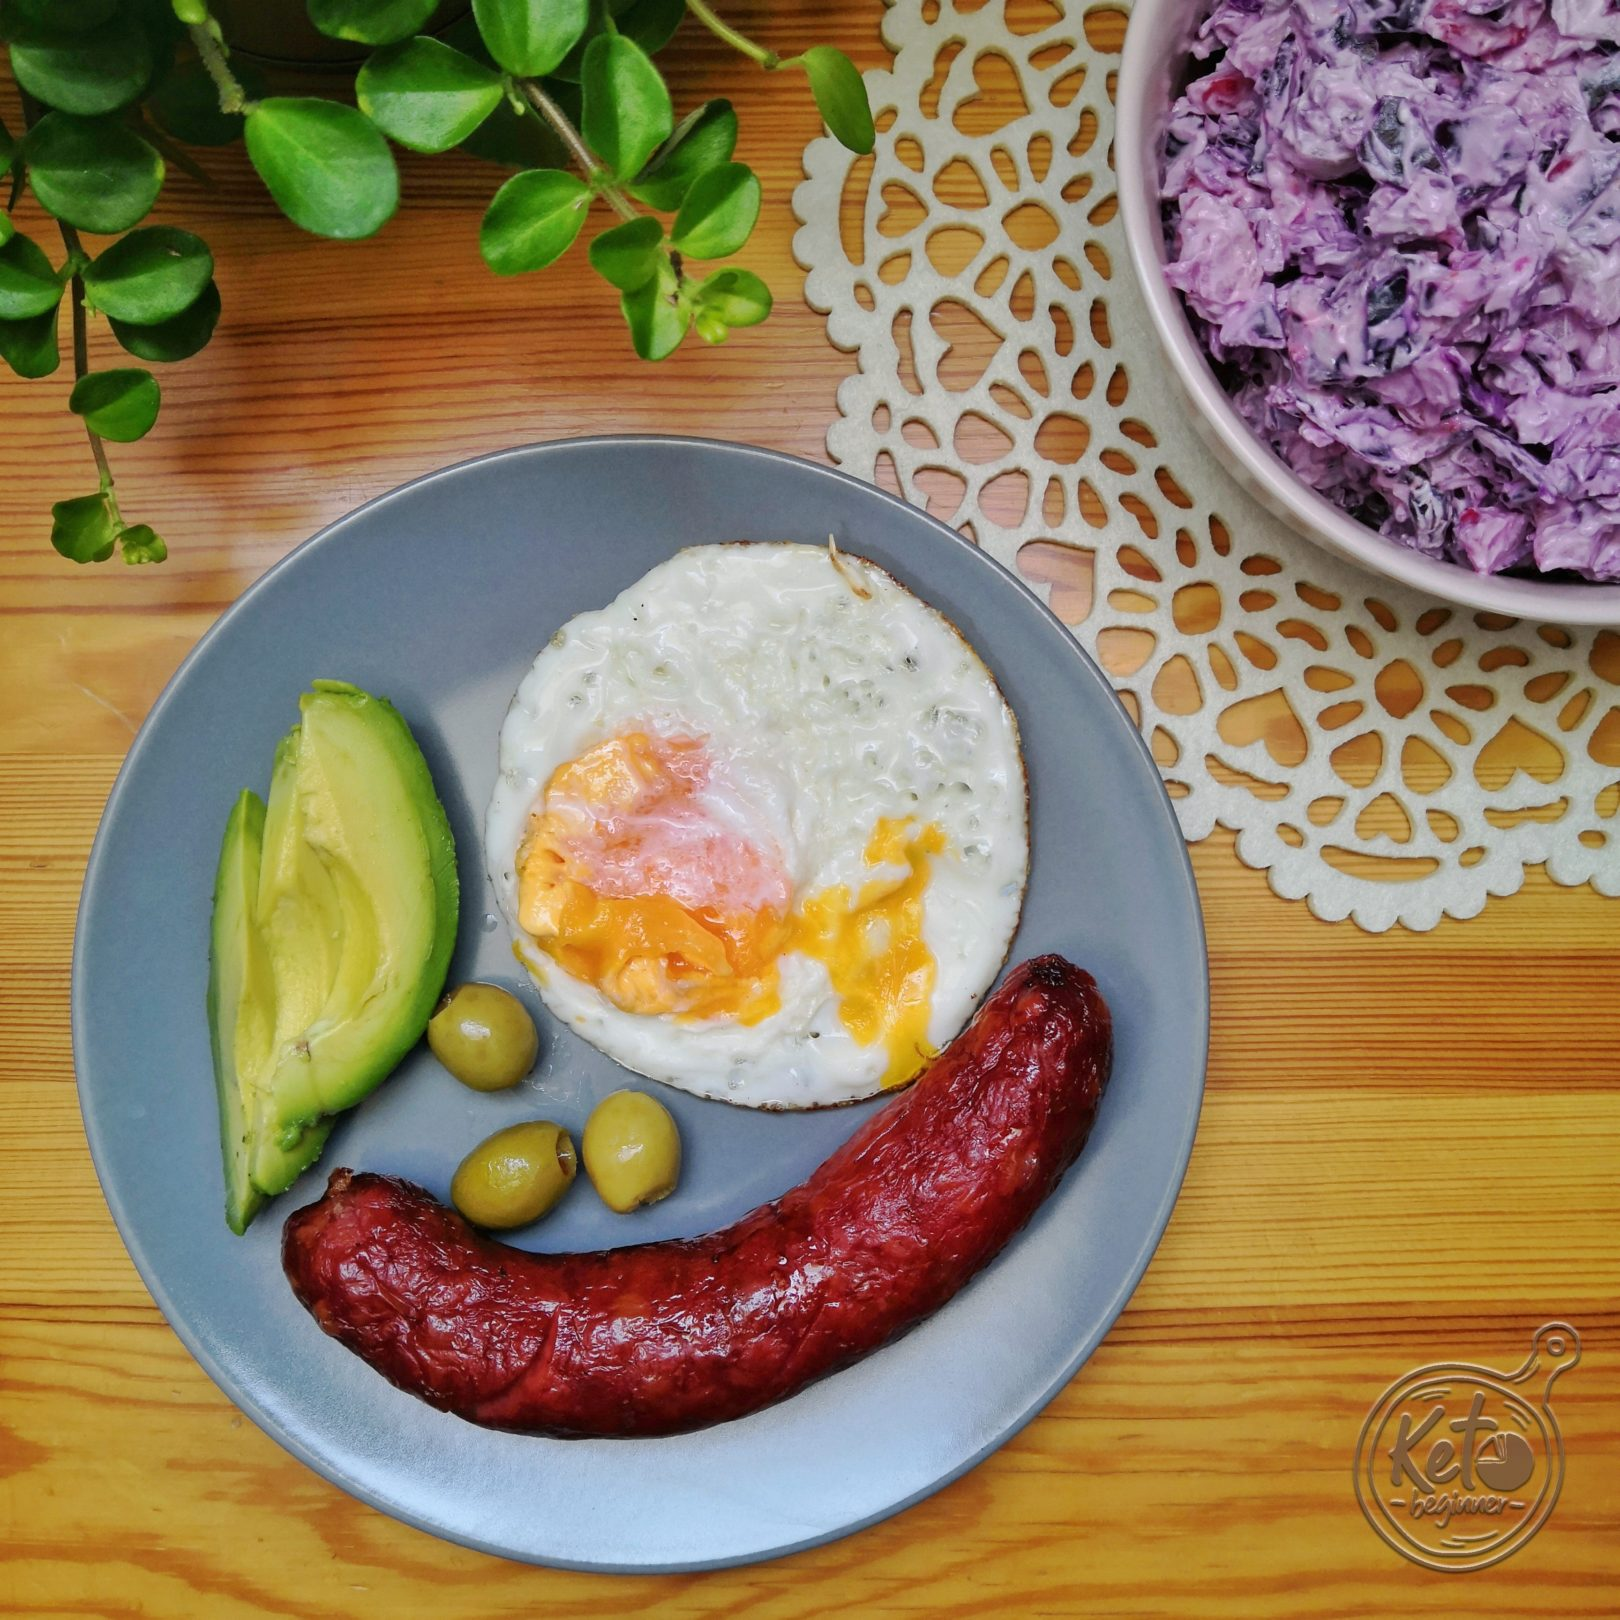 Purple Low-Carb Coleslaw by Keto Beginner